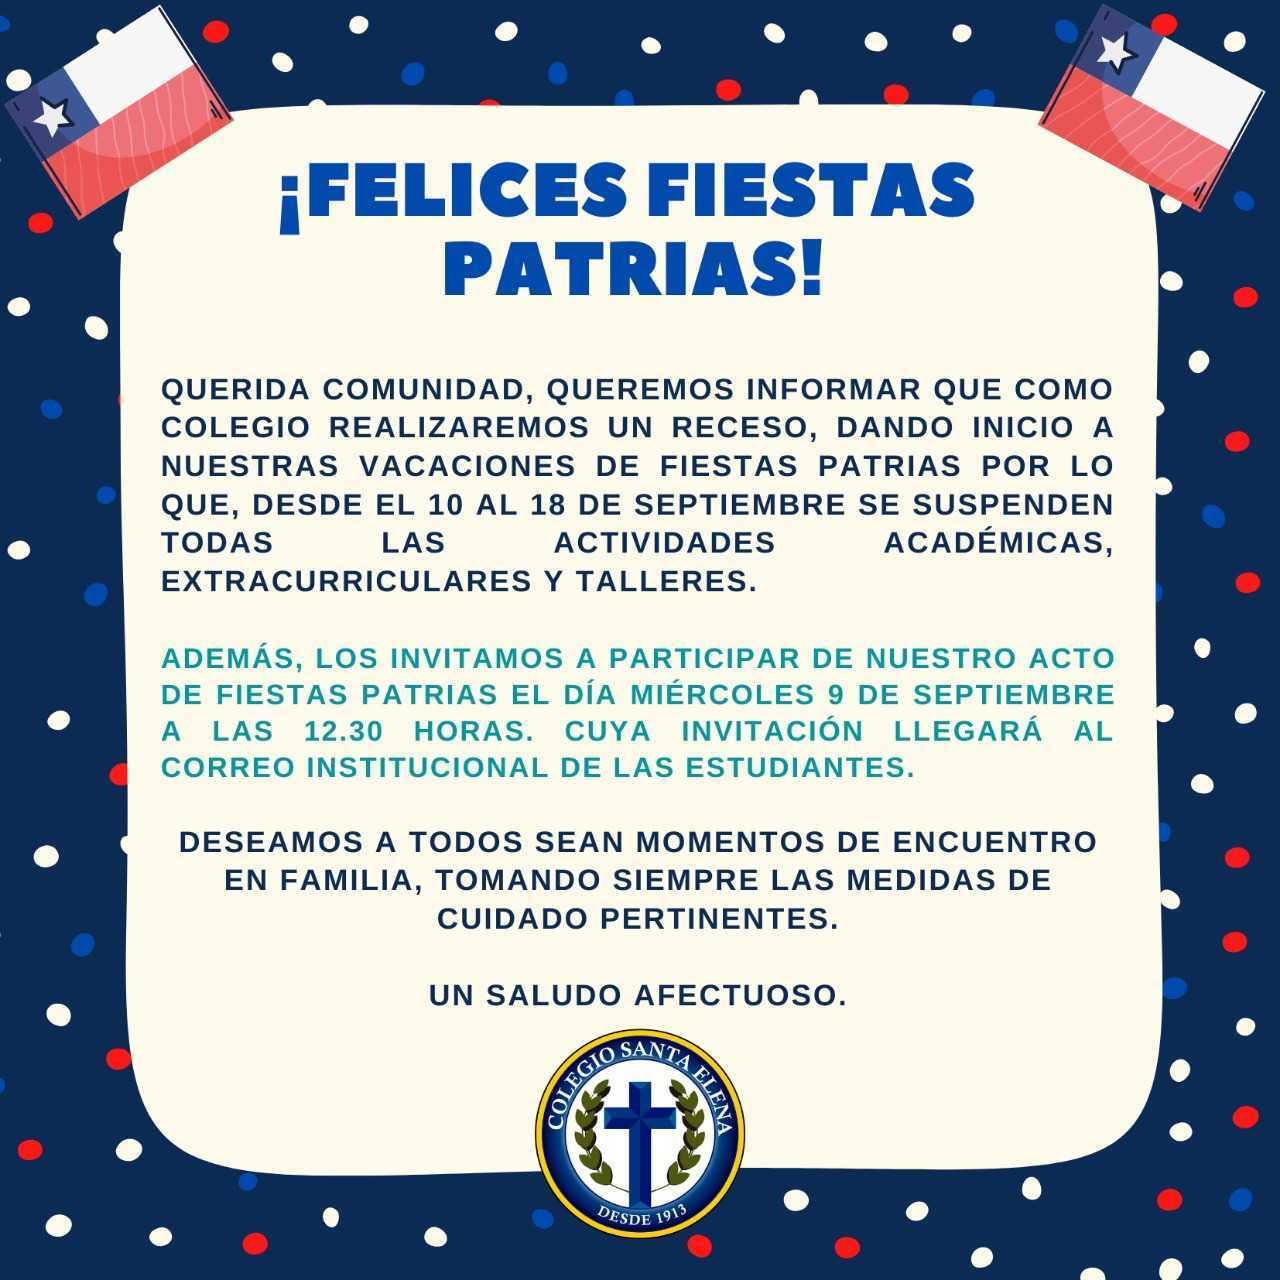 Receso Fiestas Patrias - 08/09